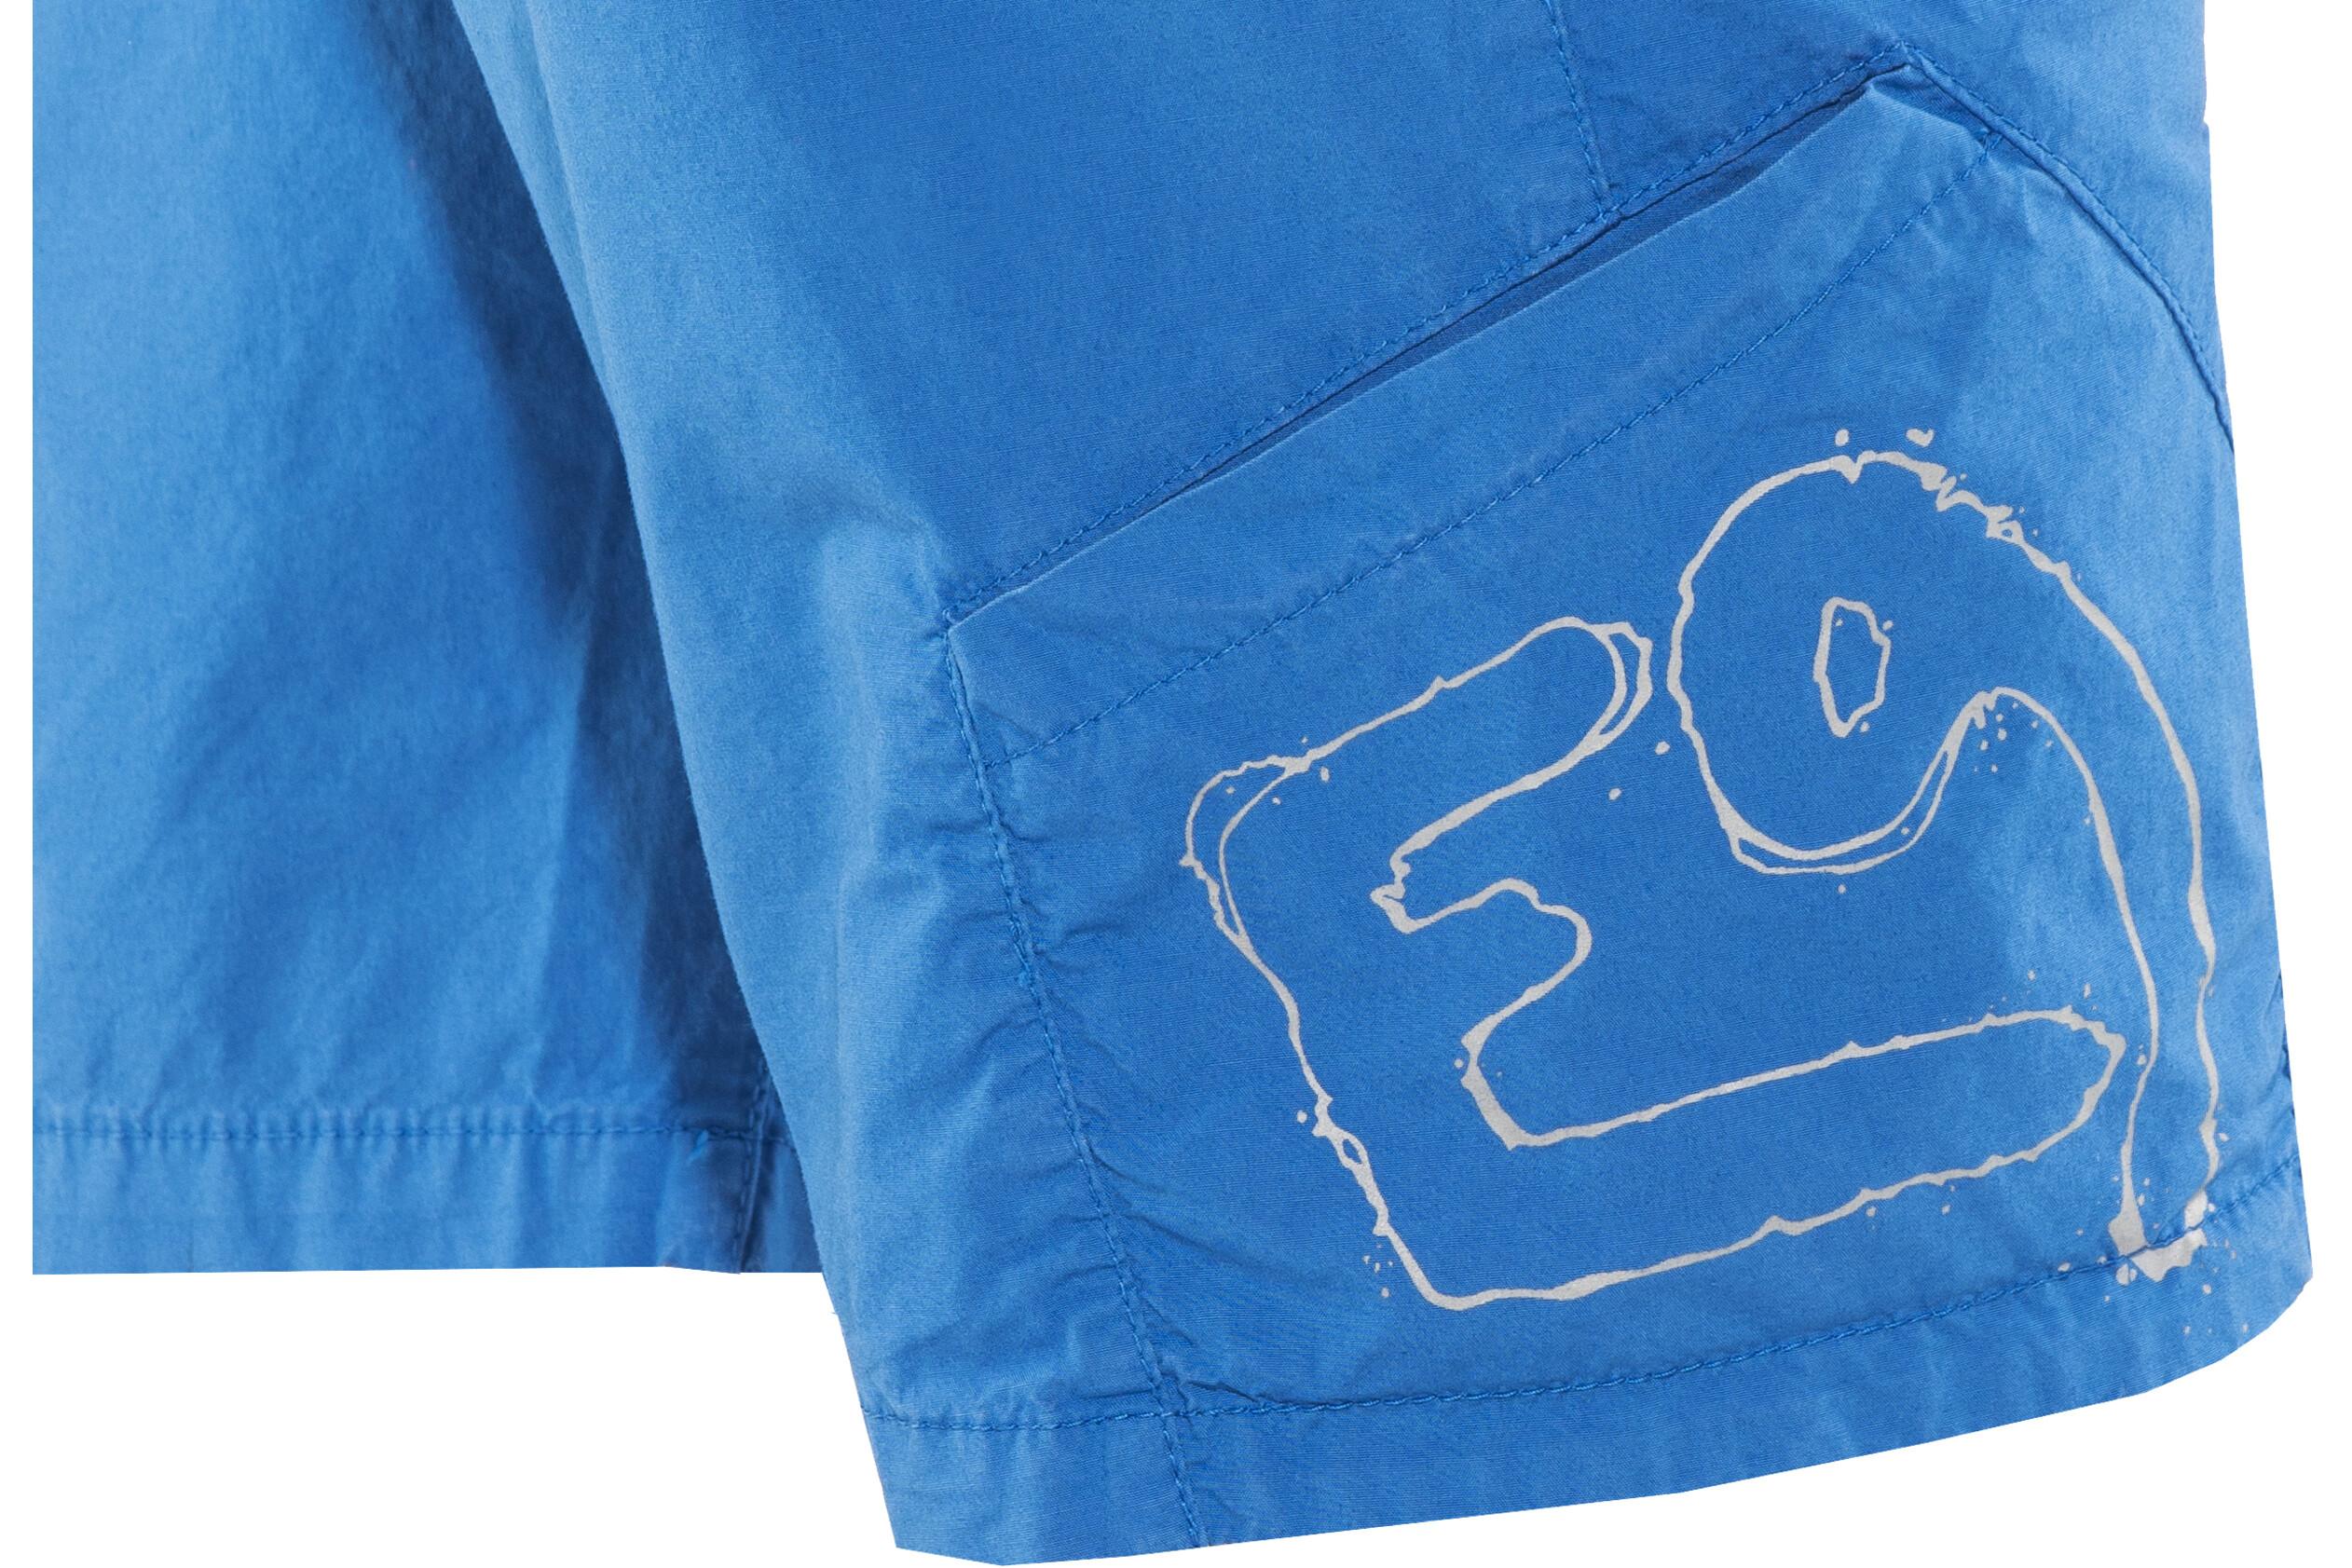 E9 Pentagon - Shorts Homme - bleu sur CAMPZ ! 9a8c61c5f7bd